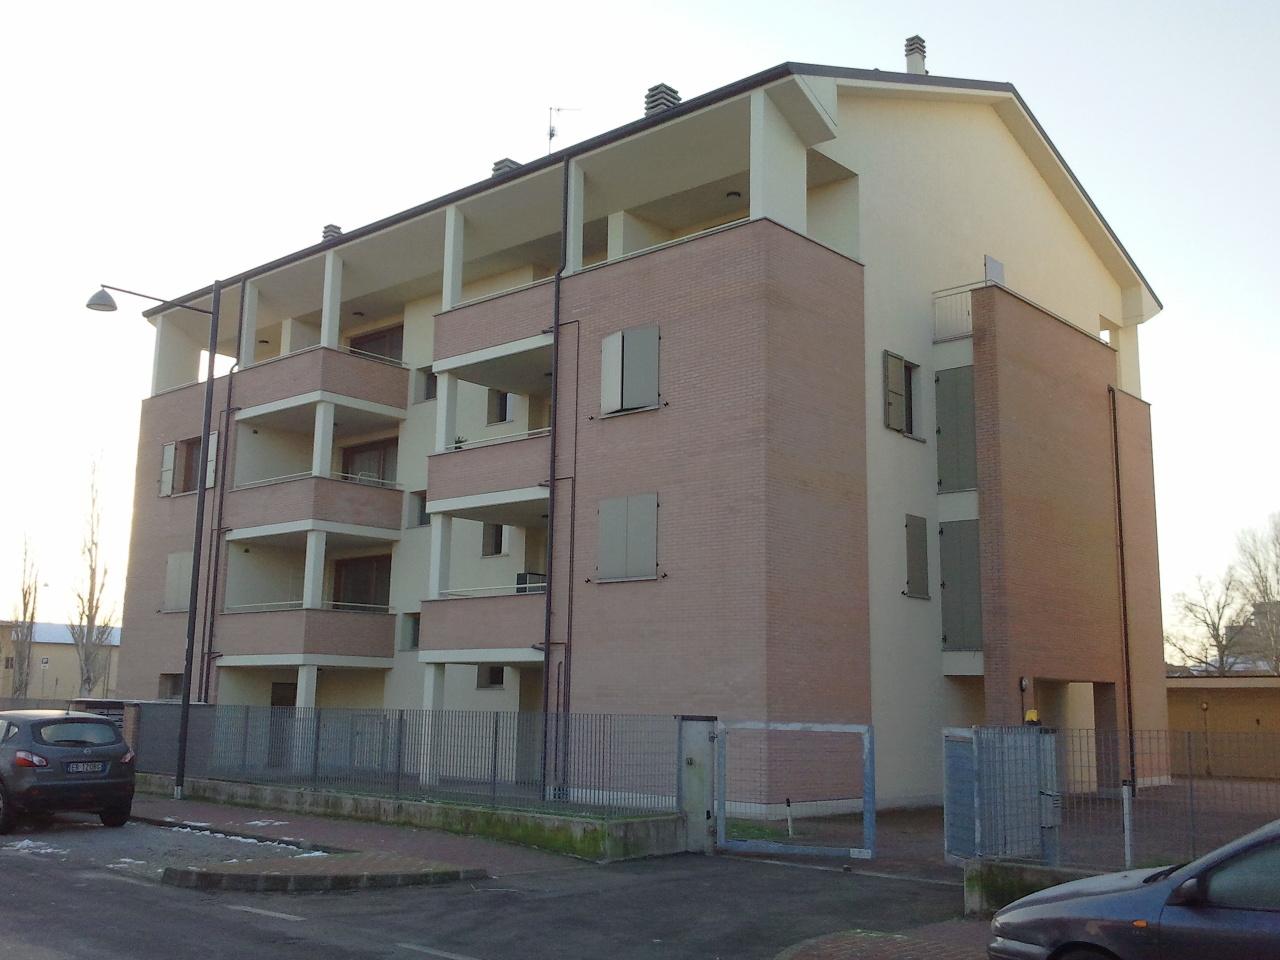 Appartamento in vendita a Sorbolo, 3 locali, prezzo € 230.000 | Cambio Casa.it